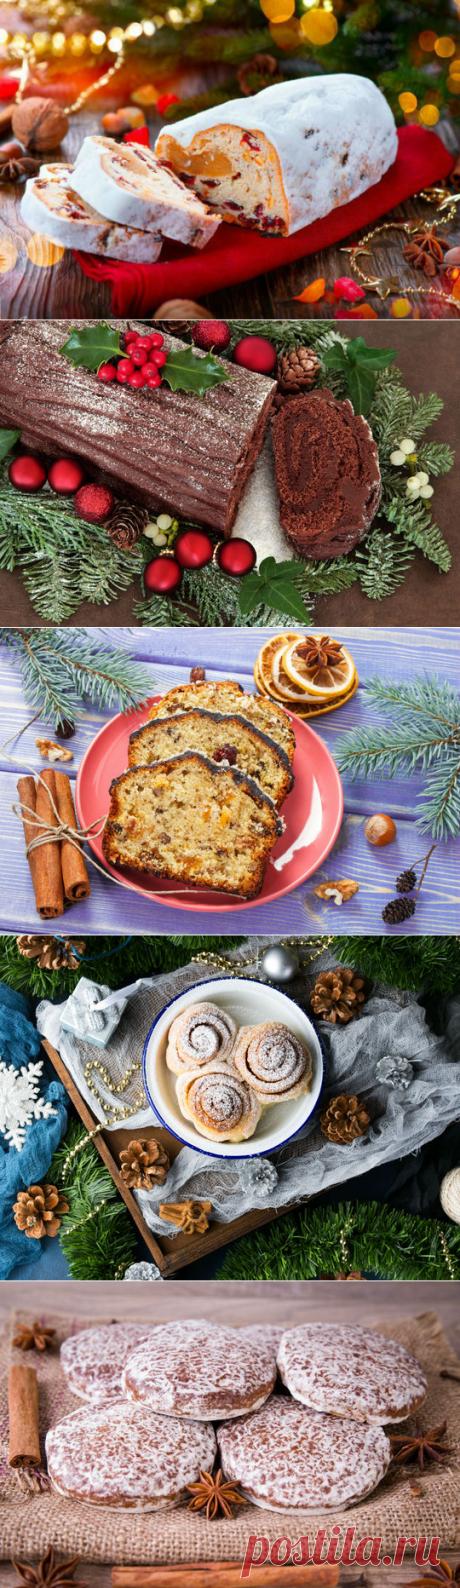 Вкус праздника : 7 рецептов любимых сладостей